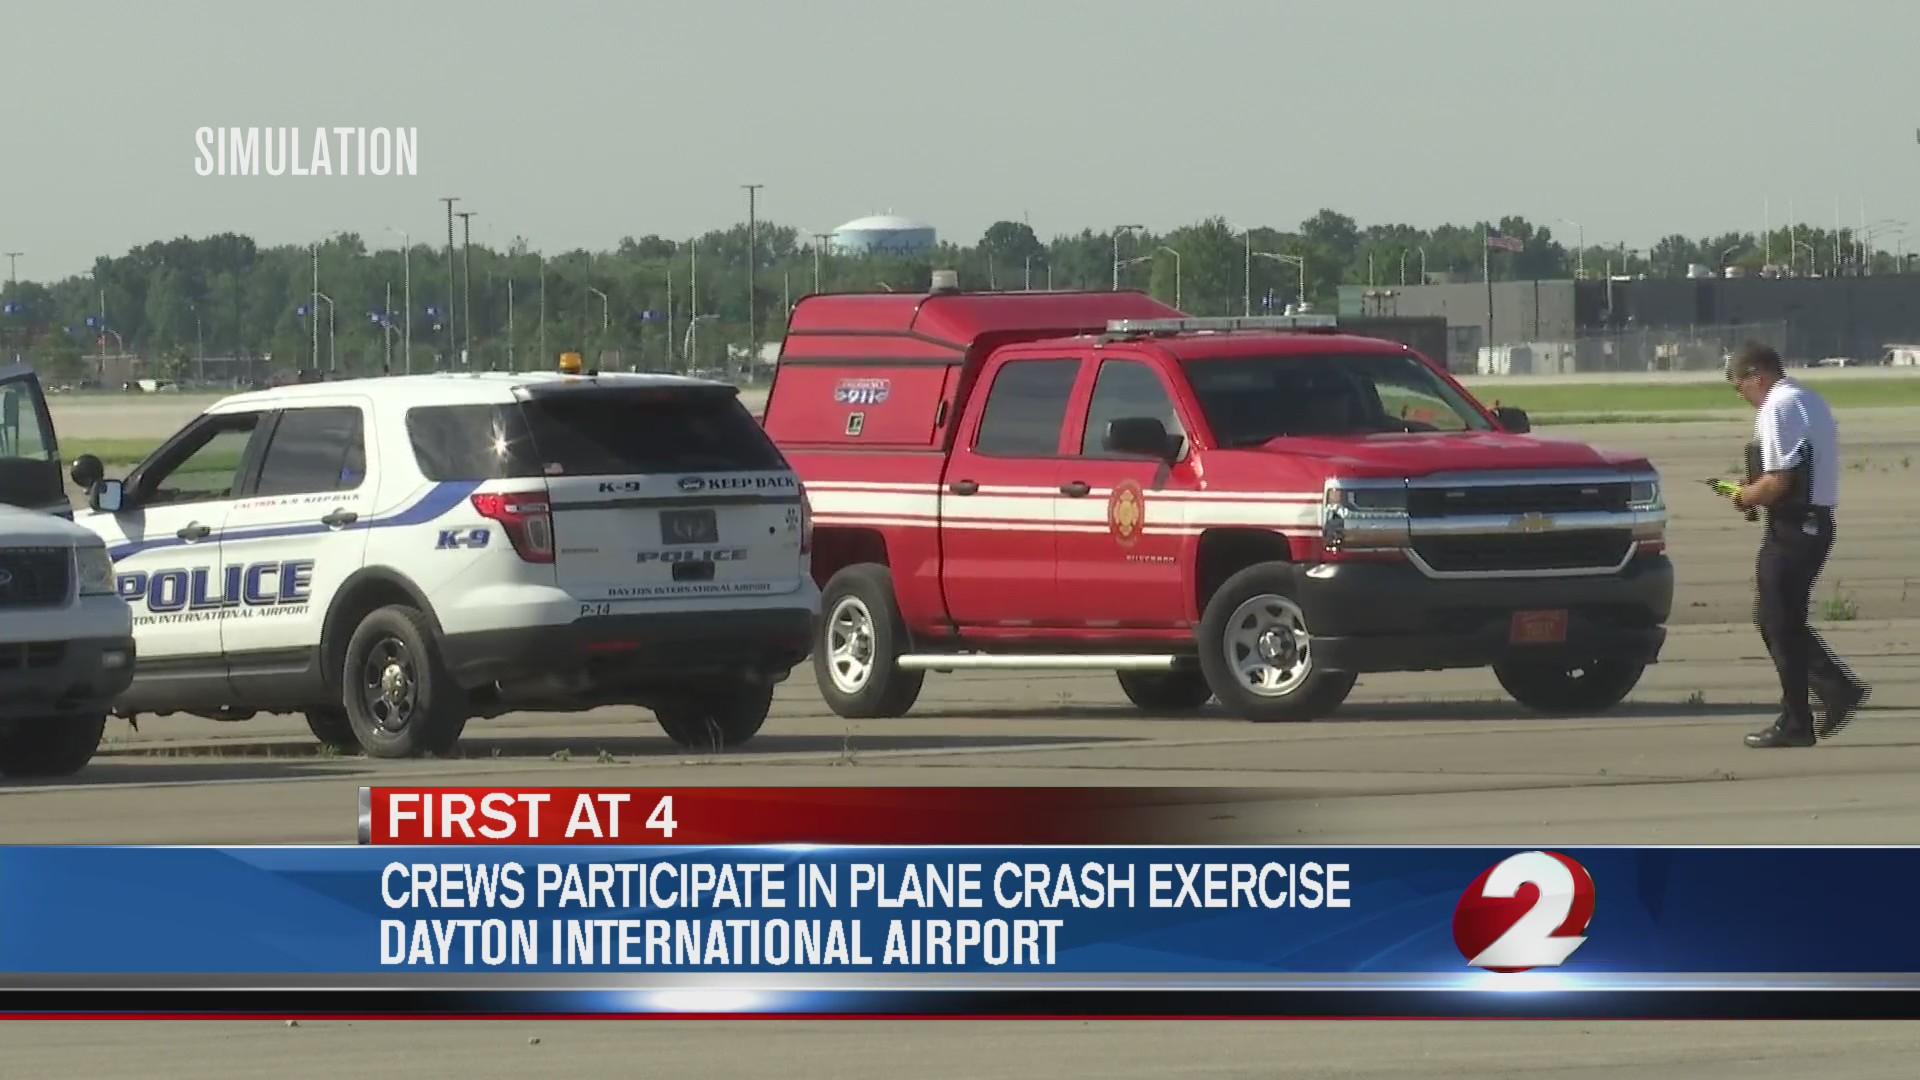 Crews participate in plane crash exercise